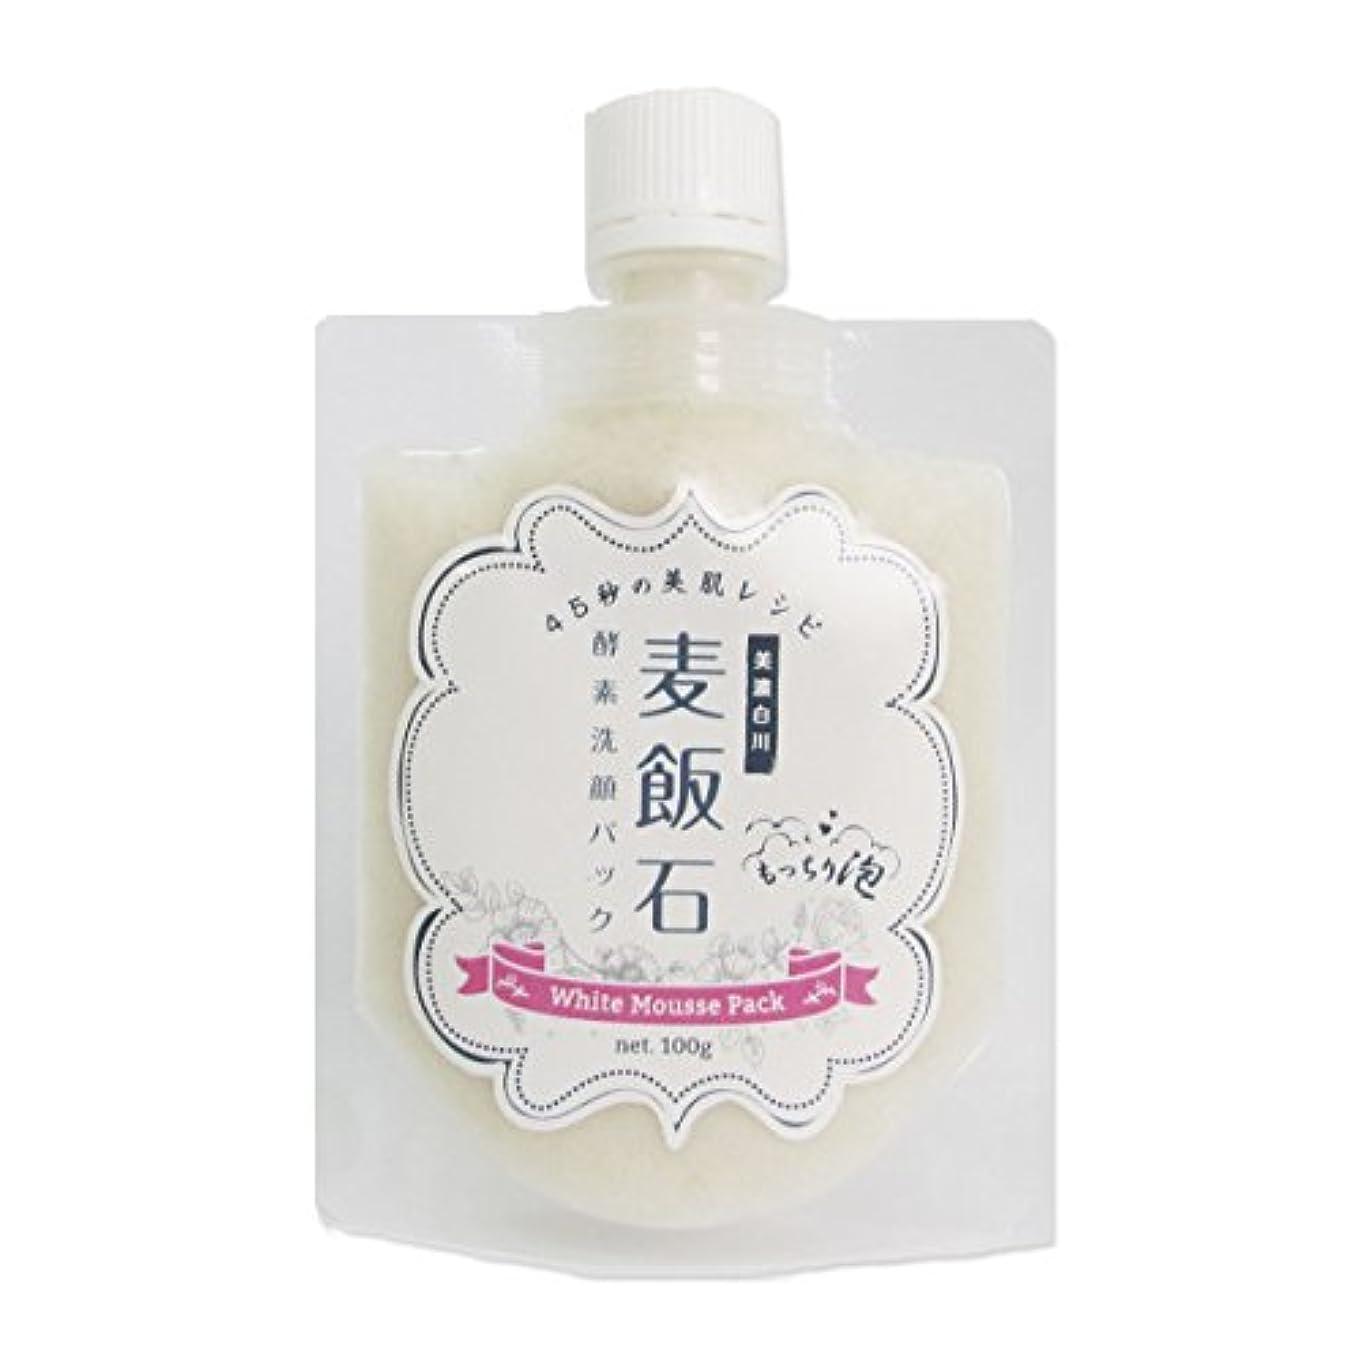 頼る化学薬品どうしたのシミ 洗顔 泡 洗顔フォーム ホワイトムースパック